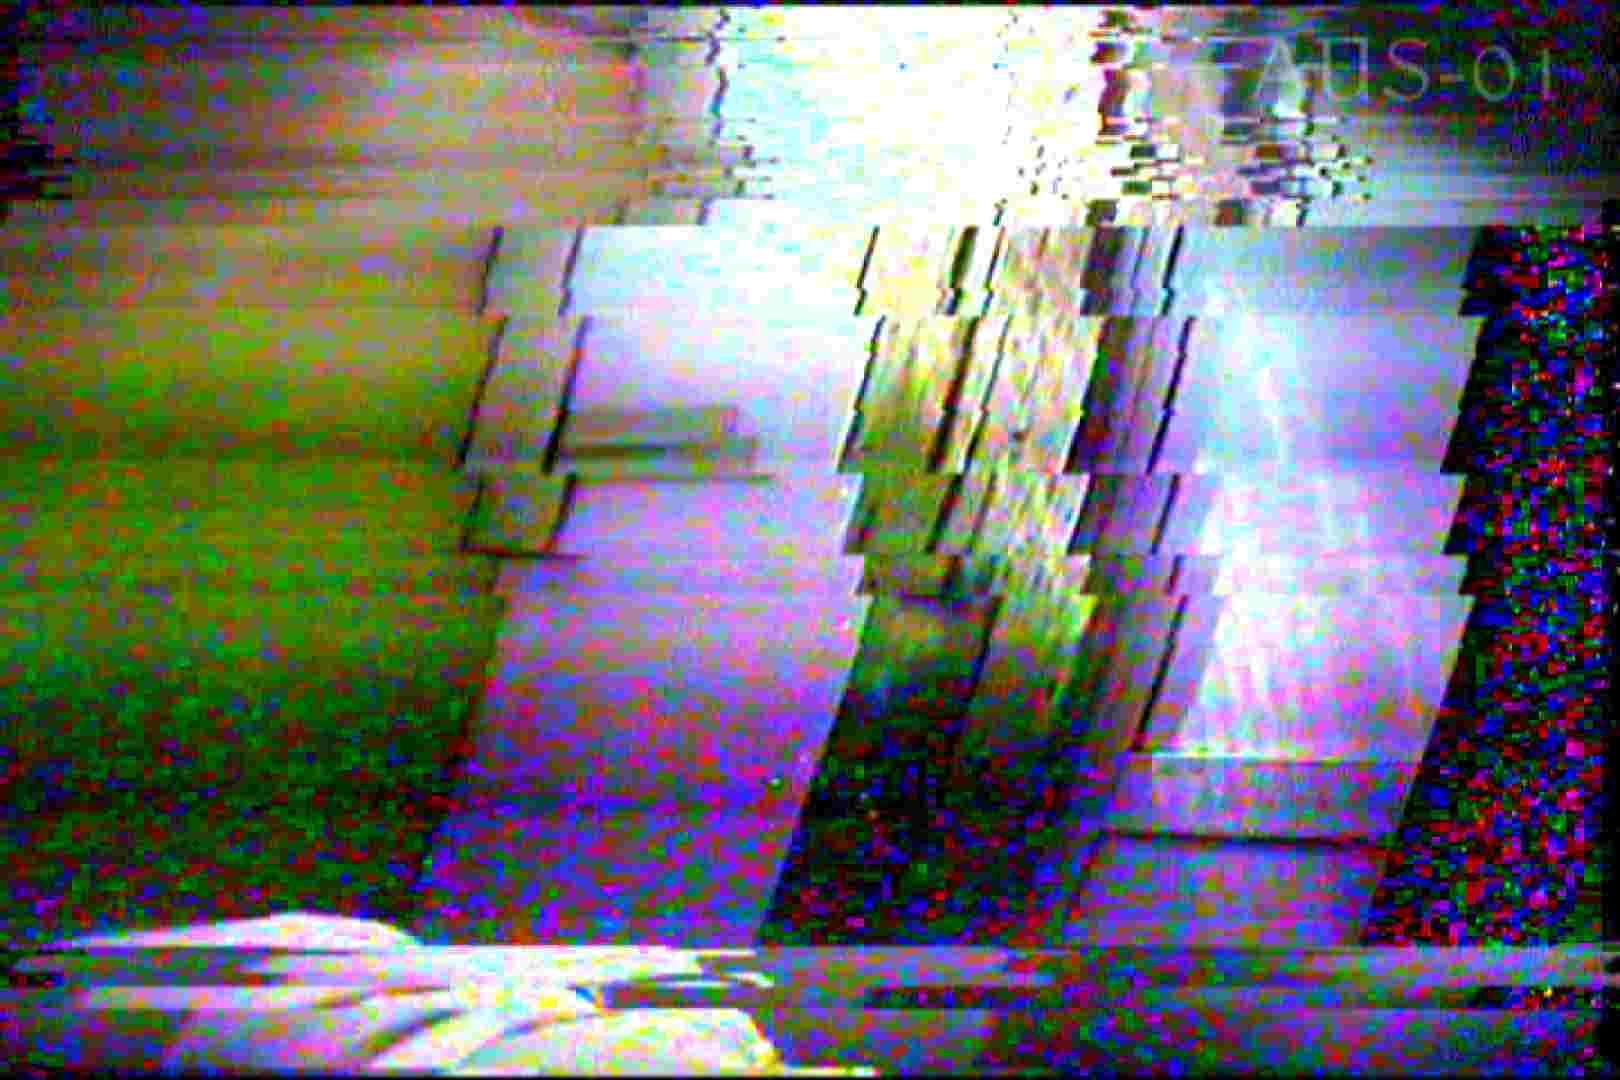 海の家の更衣室 Vol.03 エッチなOL 隠し撮りオマンコ動画紹介 93枚 80